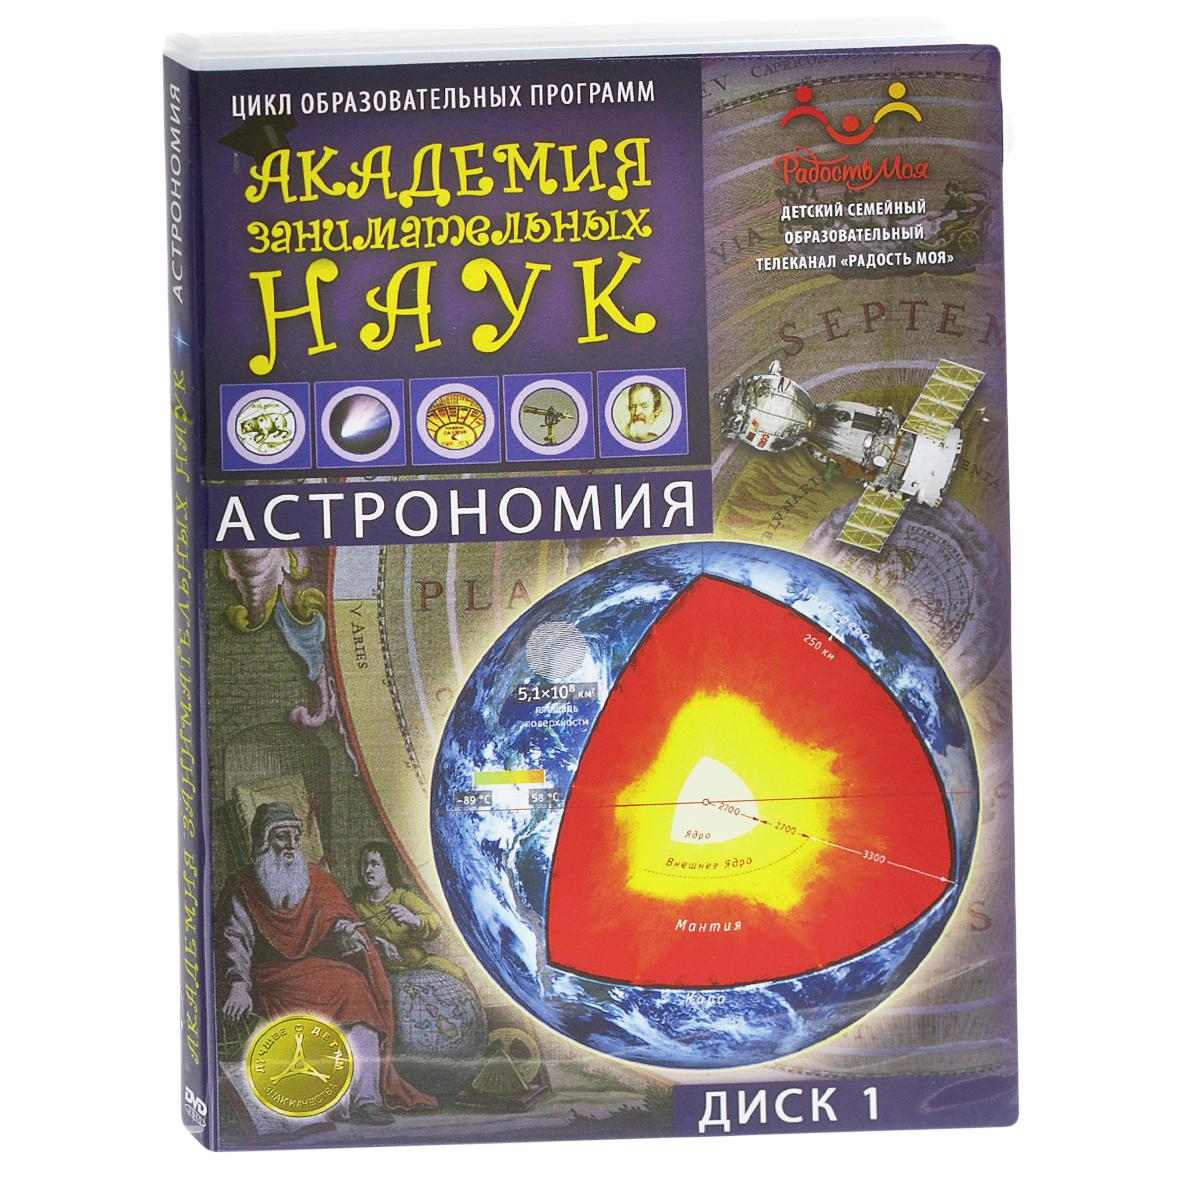 Академия занимательных наук. Астрономия. Часть 1